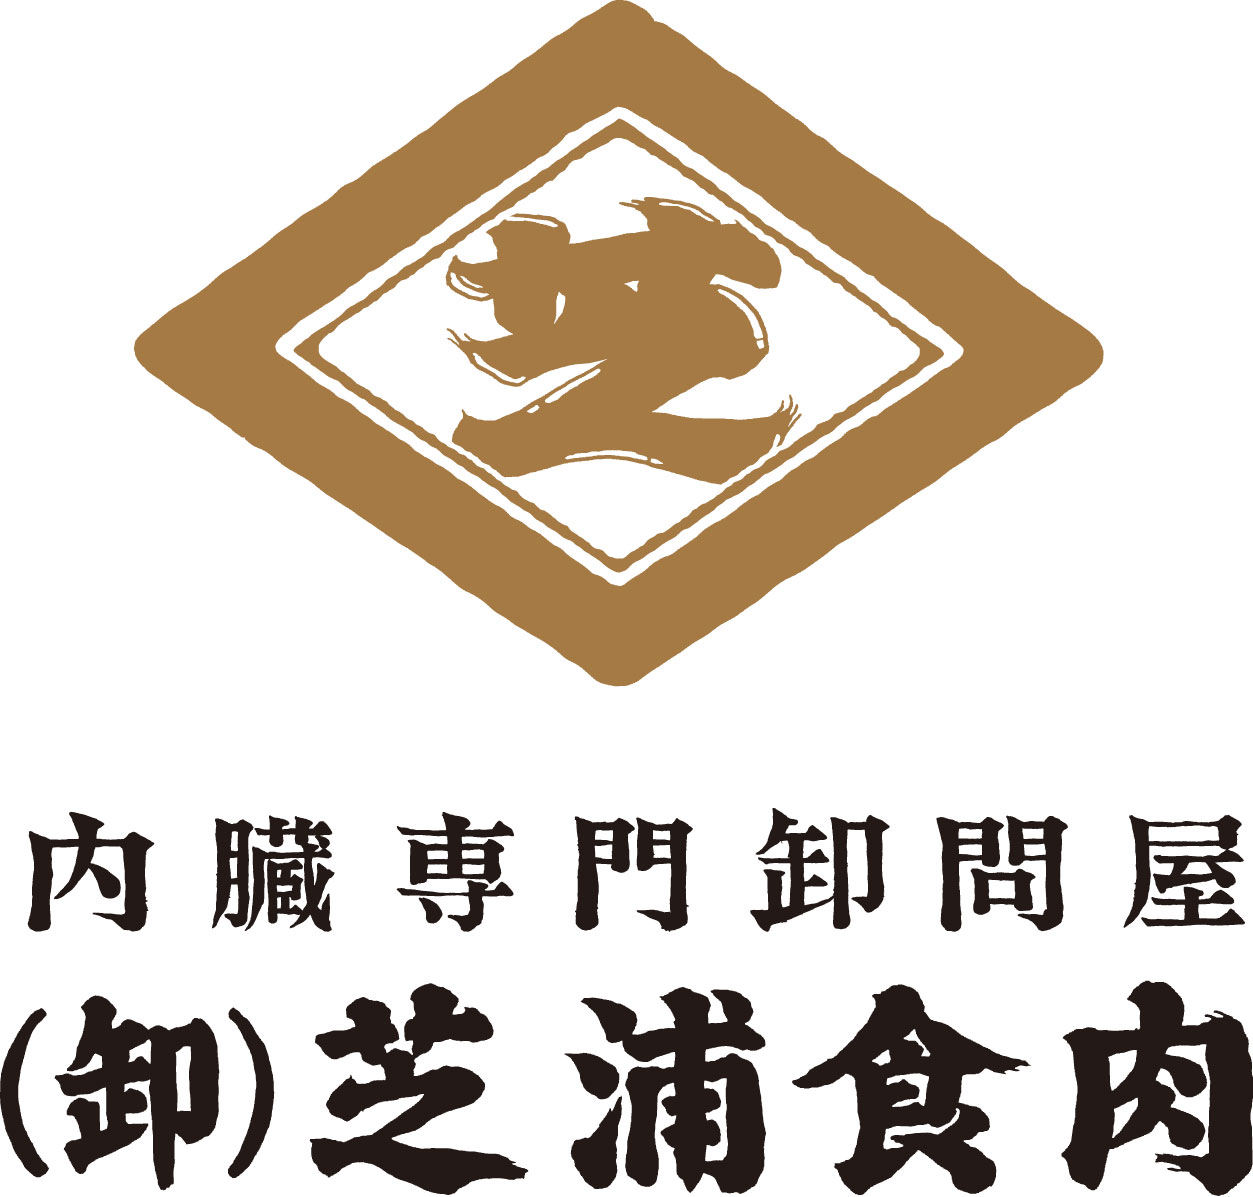 芝浦食肉ロゴ 芝浦食肉ロゴ 関根精肉店ロゴ  「おかめ納豆」×ホルモン居酒屋のコラボメニュー『納